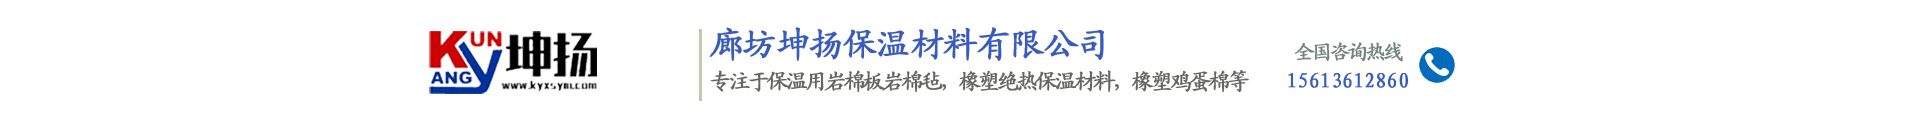 廊坊坤扬保温材料有限公司